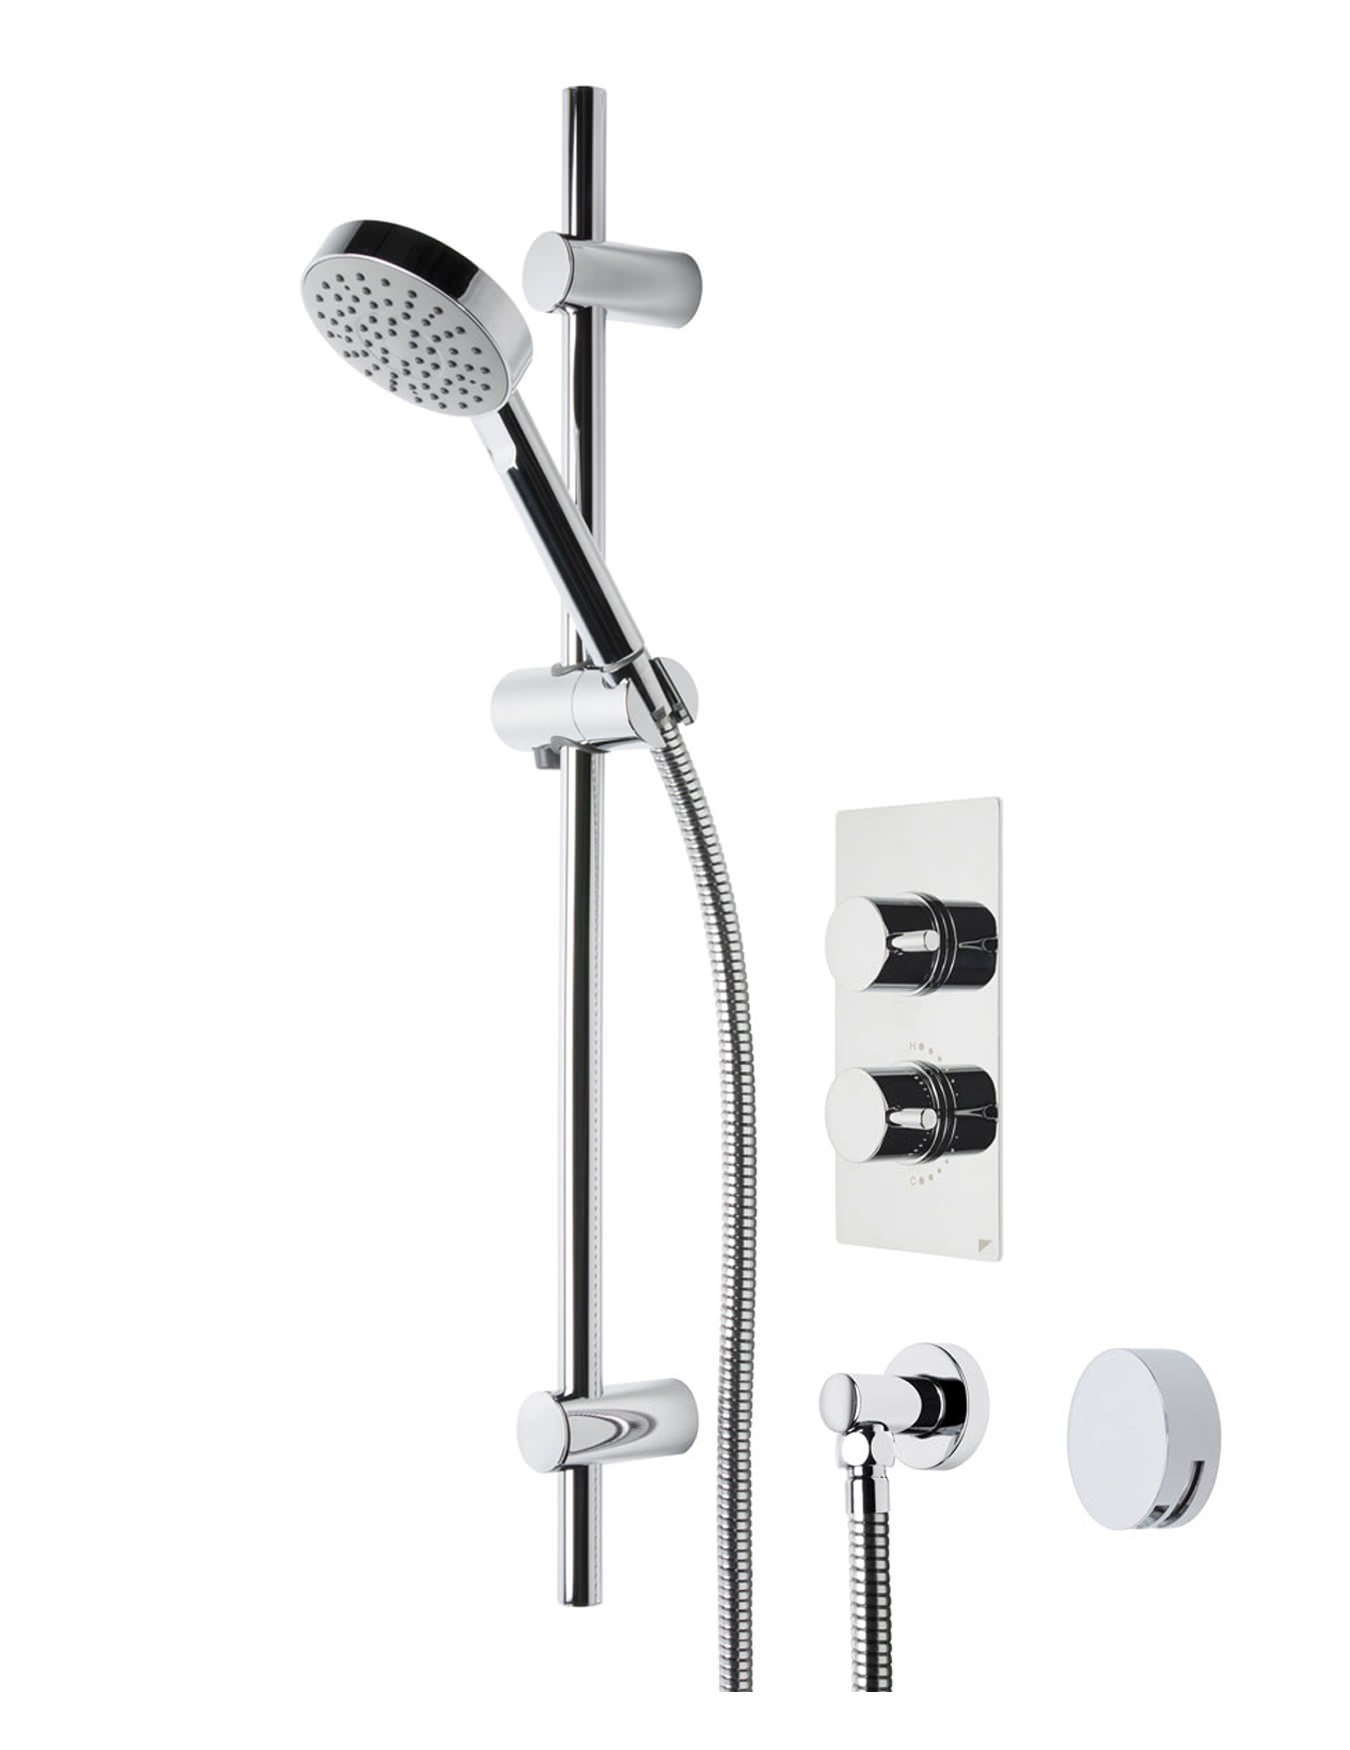 Roper Rhodes Event Dual Function Shower System 21 Svset21